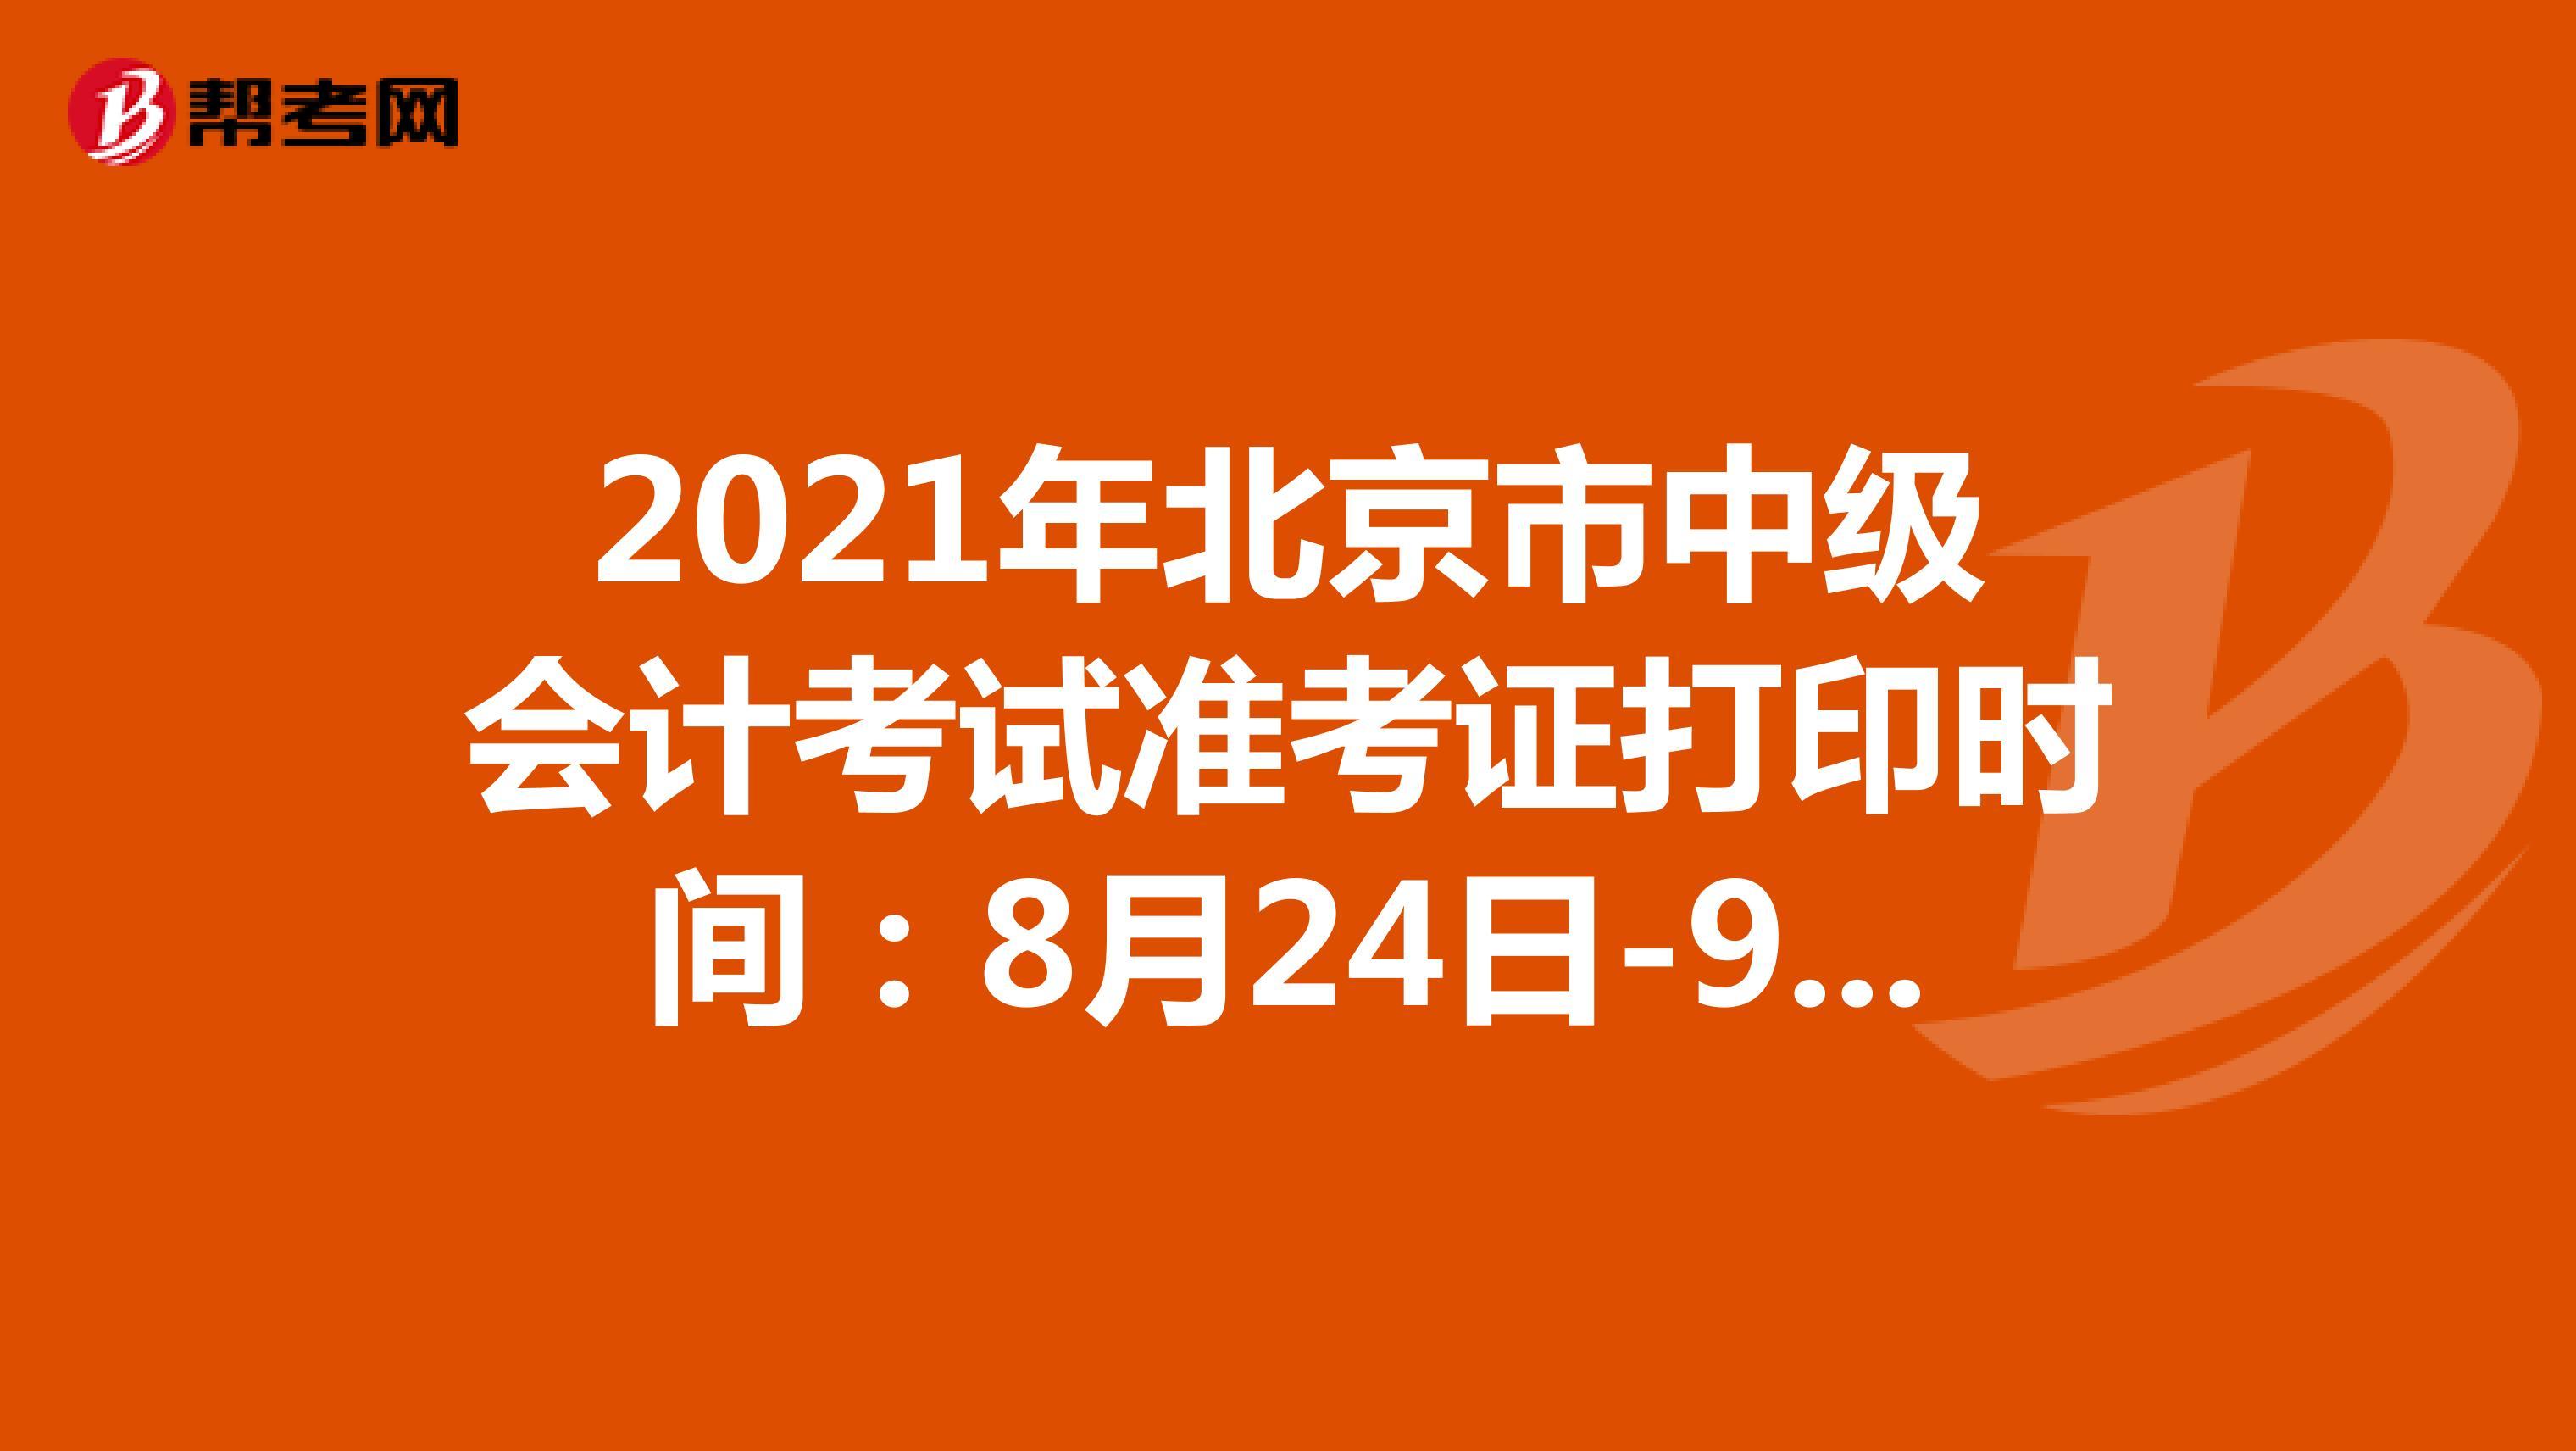 2021年北京市中級會計考試準考證打印時間:8月24日-9月6日